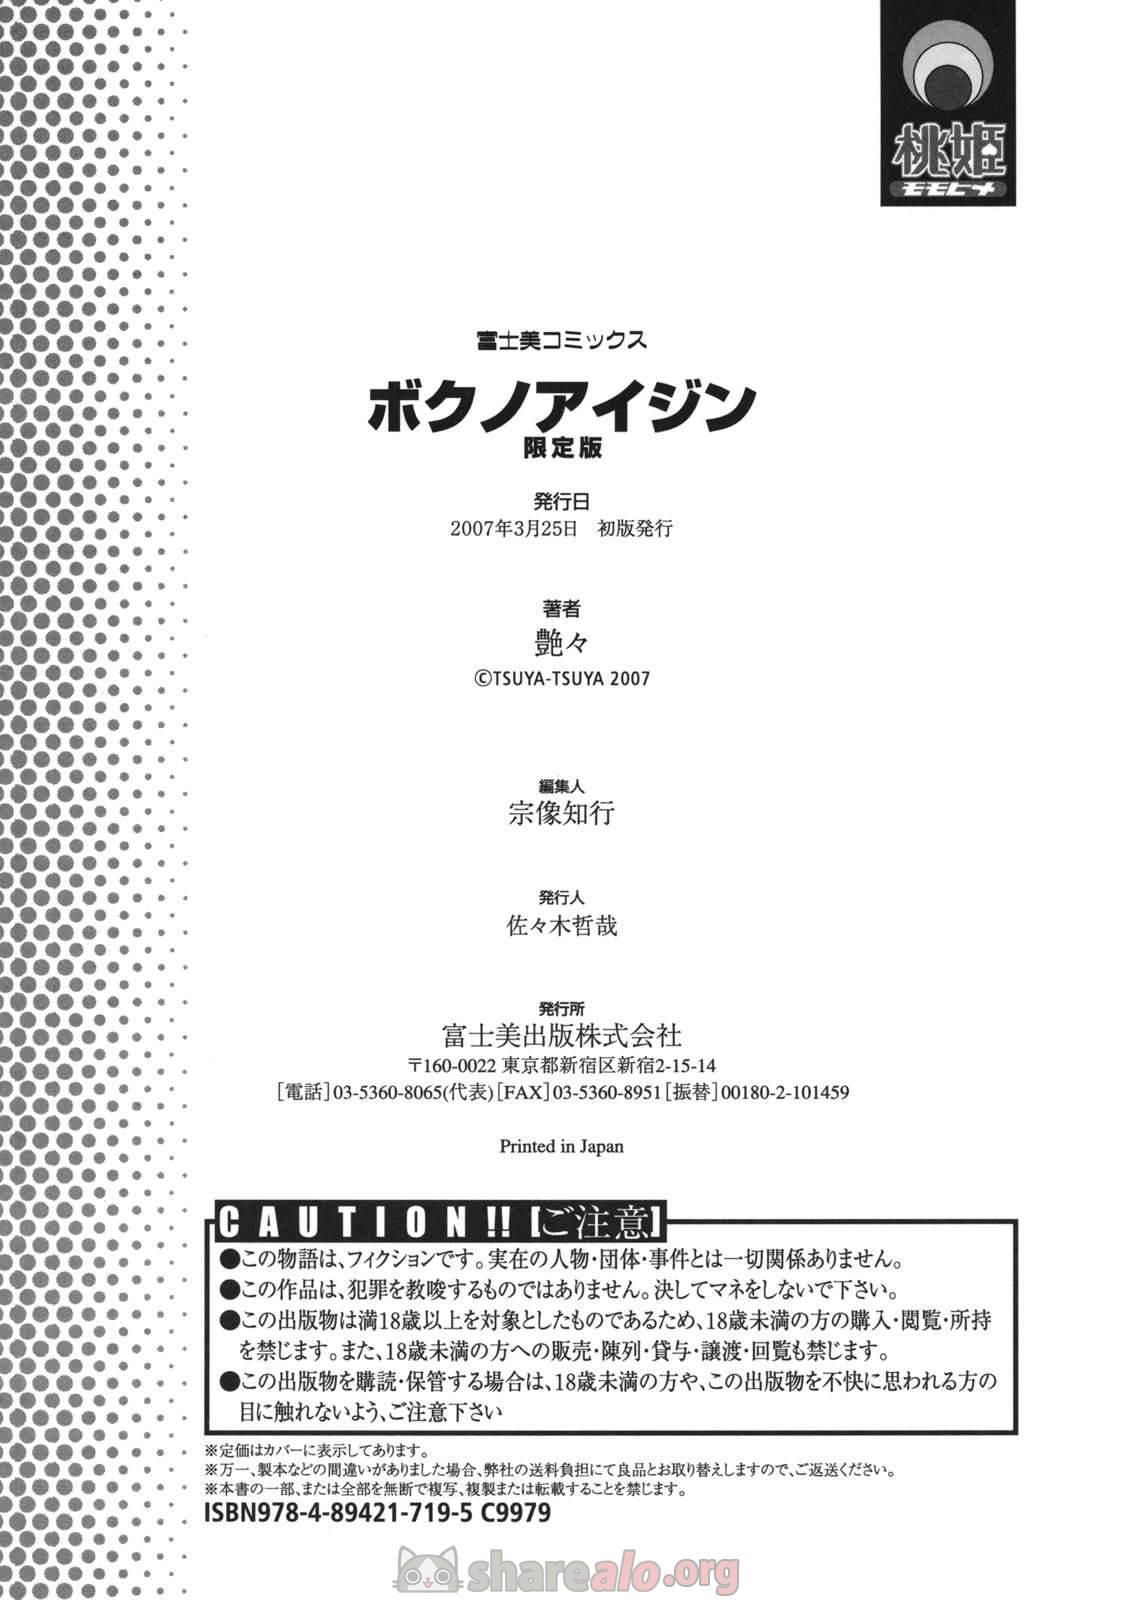 [ Boku no Aijin Manga Hentai de TsuyaTsuya ]: Comics Porno Manga Hentai [ MRMmY12E ]